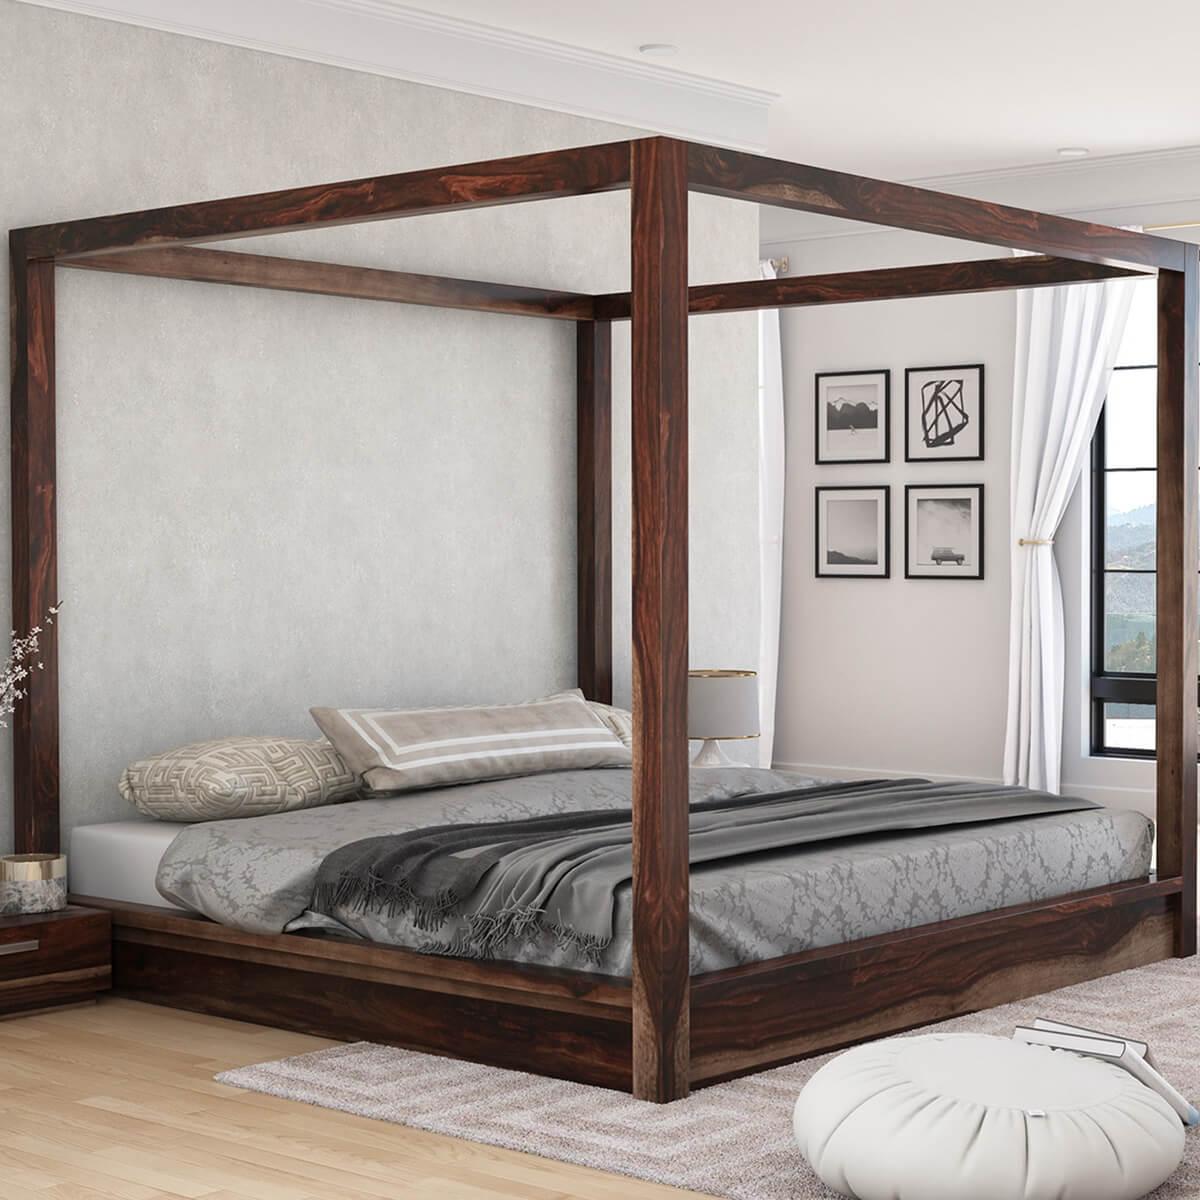 راهنمای انتخاب ۱۰ مدل از سبک های قاب تخت چوبی